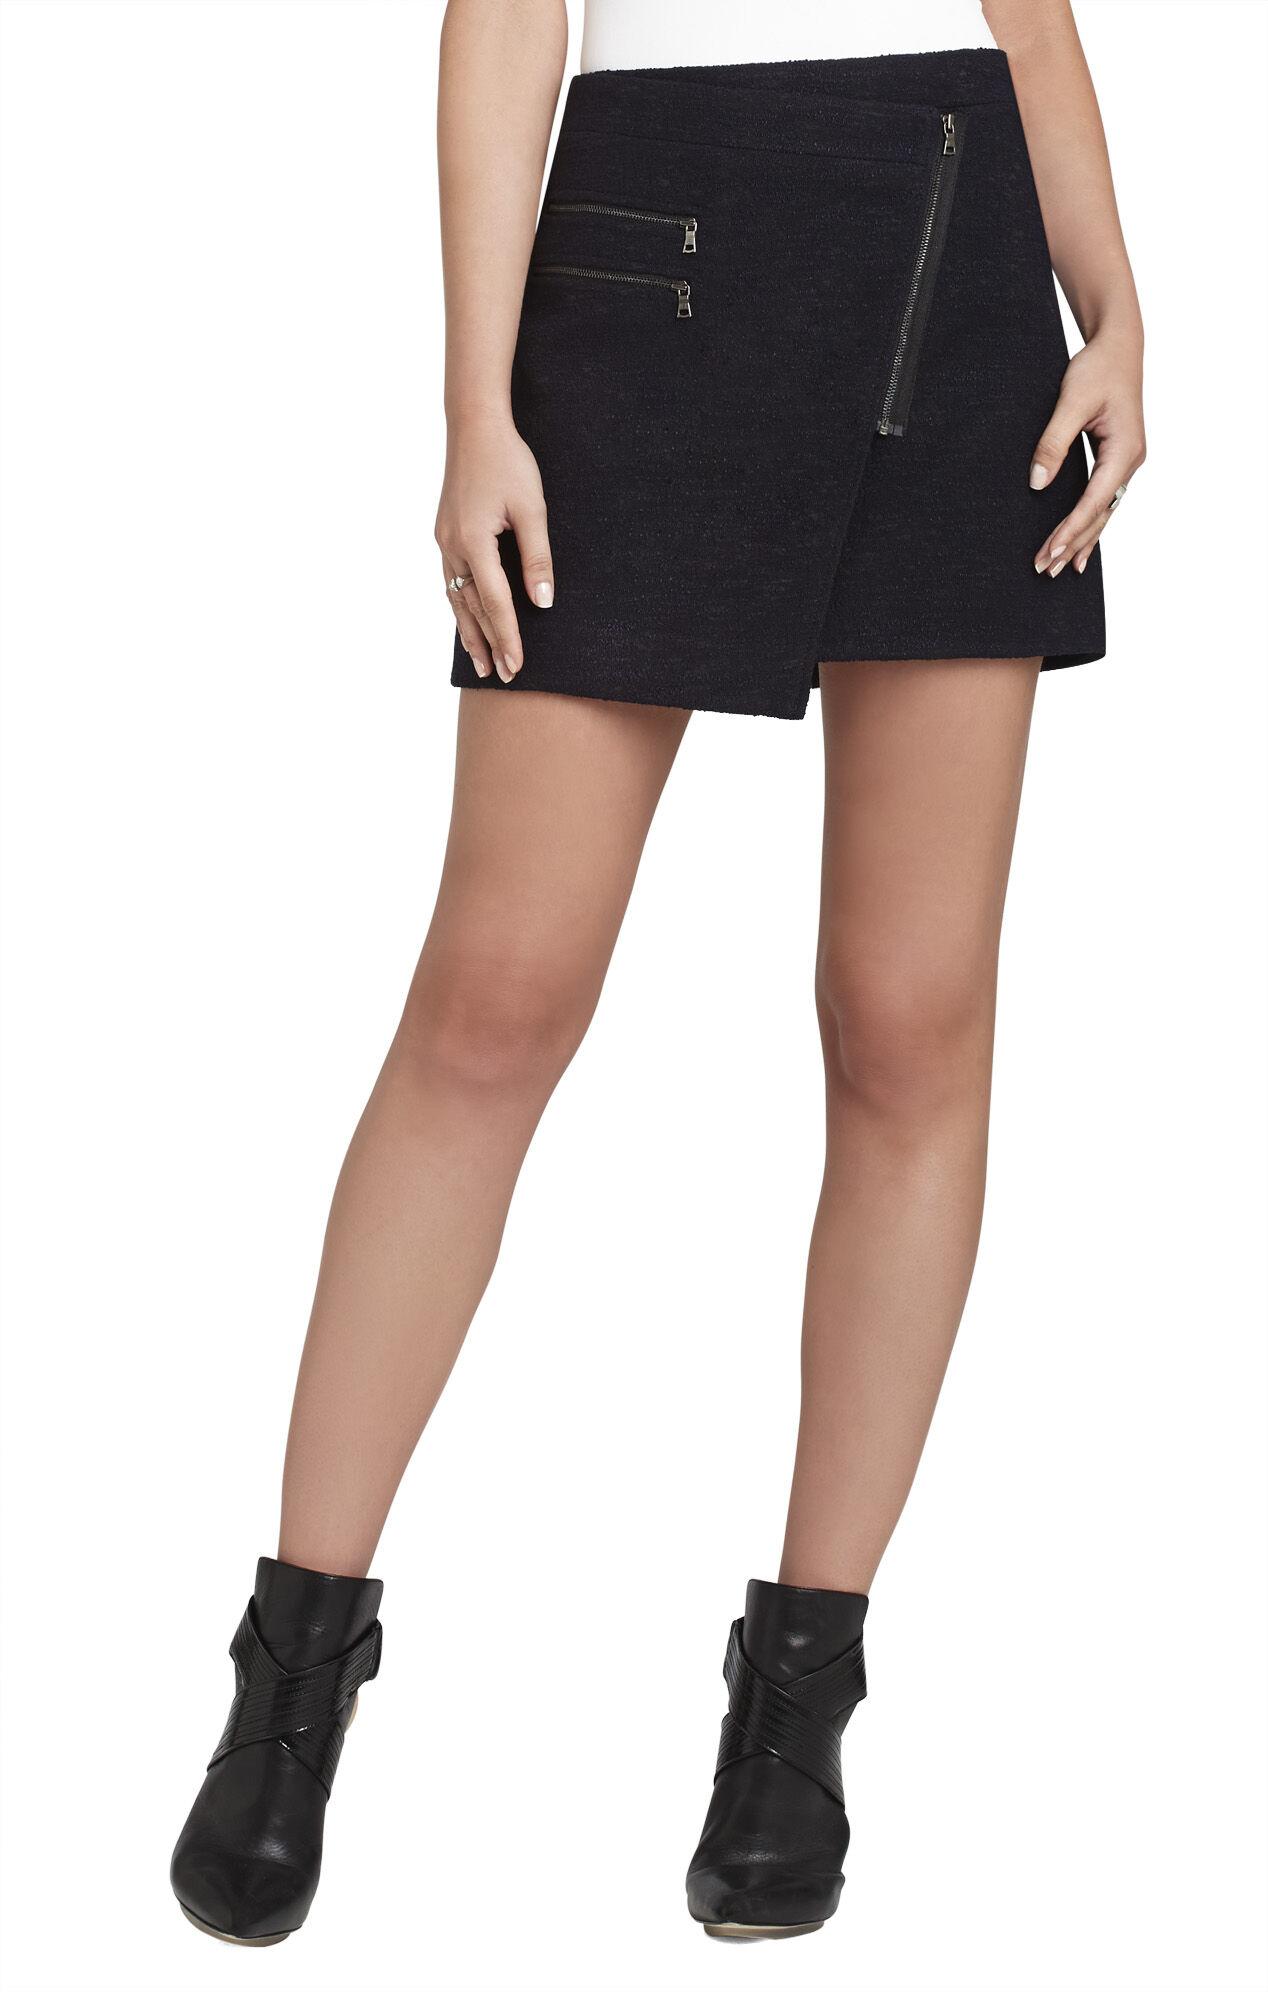 Lizzy Tweed Skirt